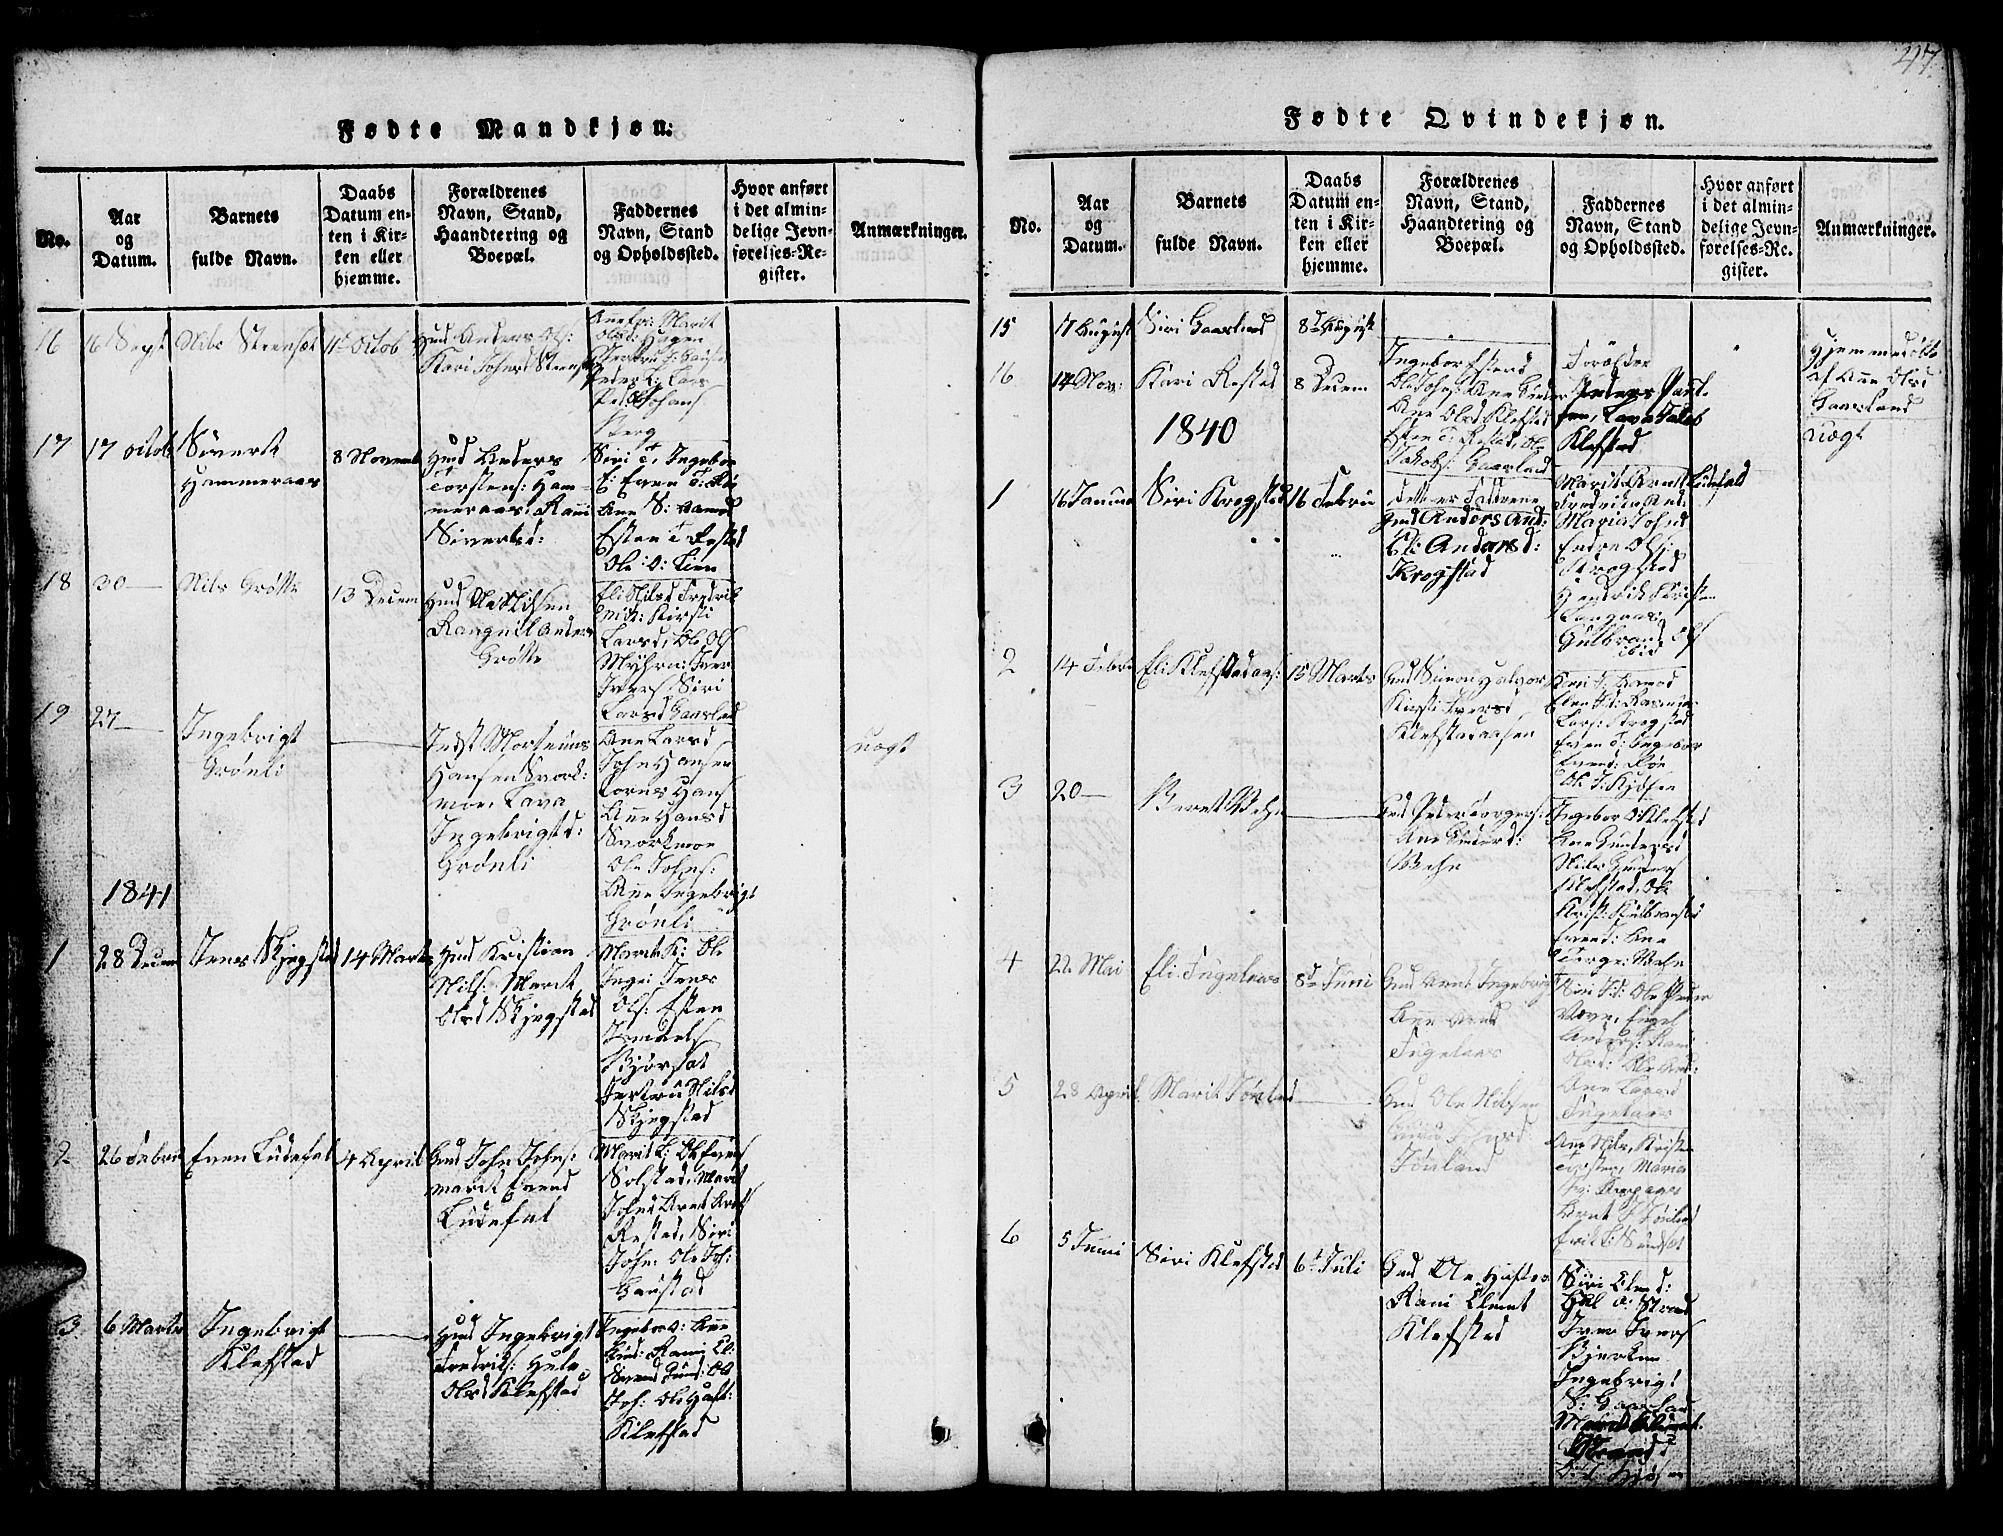 SAT, Ministerialprotokoller, klokkerbøker og fødselsregistre - Sør-Trøndelag, 694/L1130: Klokkerbok nr. 694C02, 1816-1857, s. 47